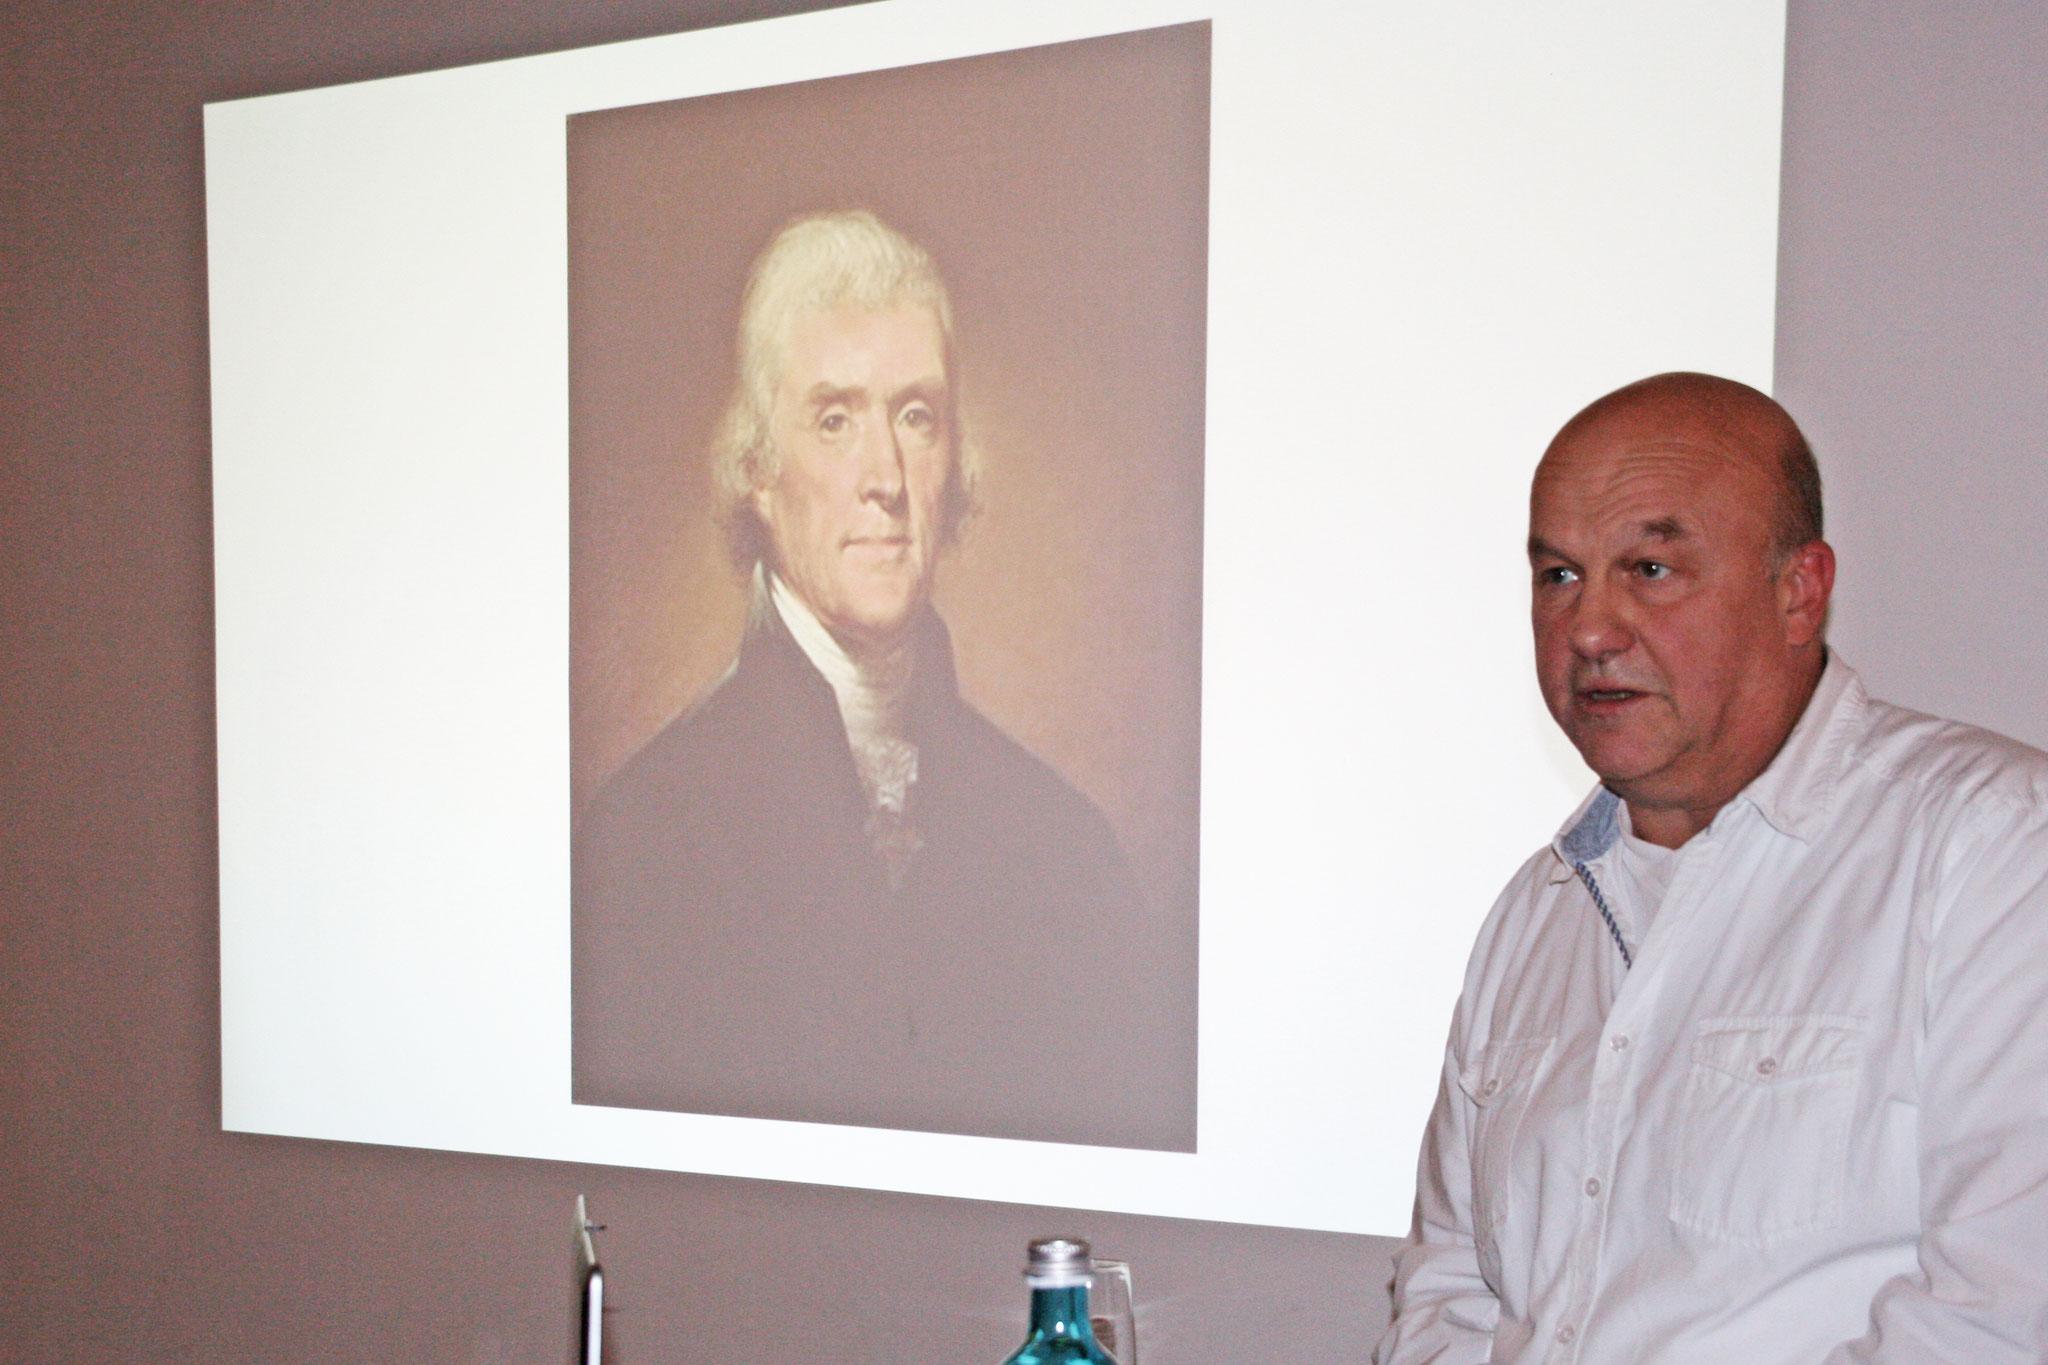 Jefferson war nichtnur Diplomat und Präsent, sondern auch Weinkenner.